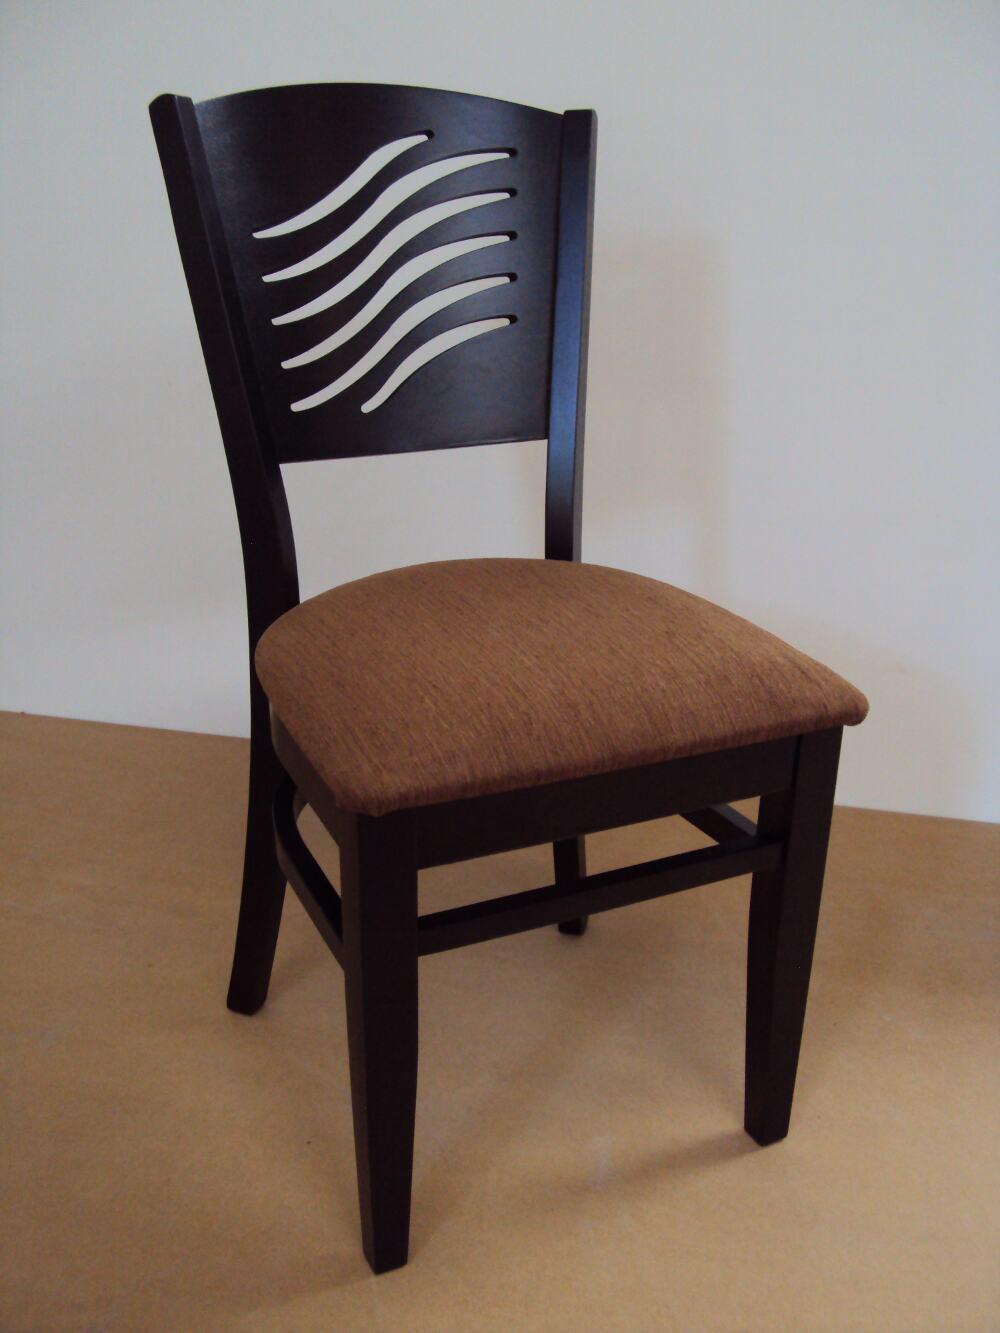 Billige Sthle Und Tische. Billige Stuhle Stuhl Gunstig ...